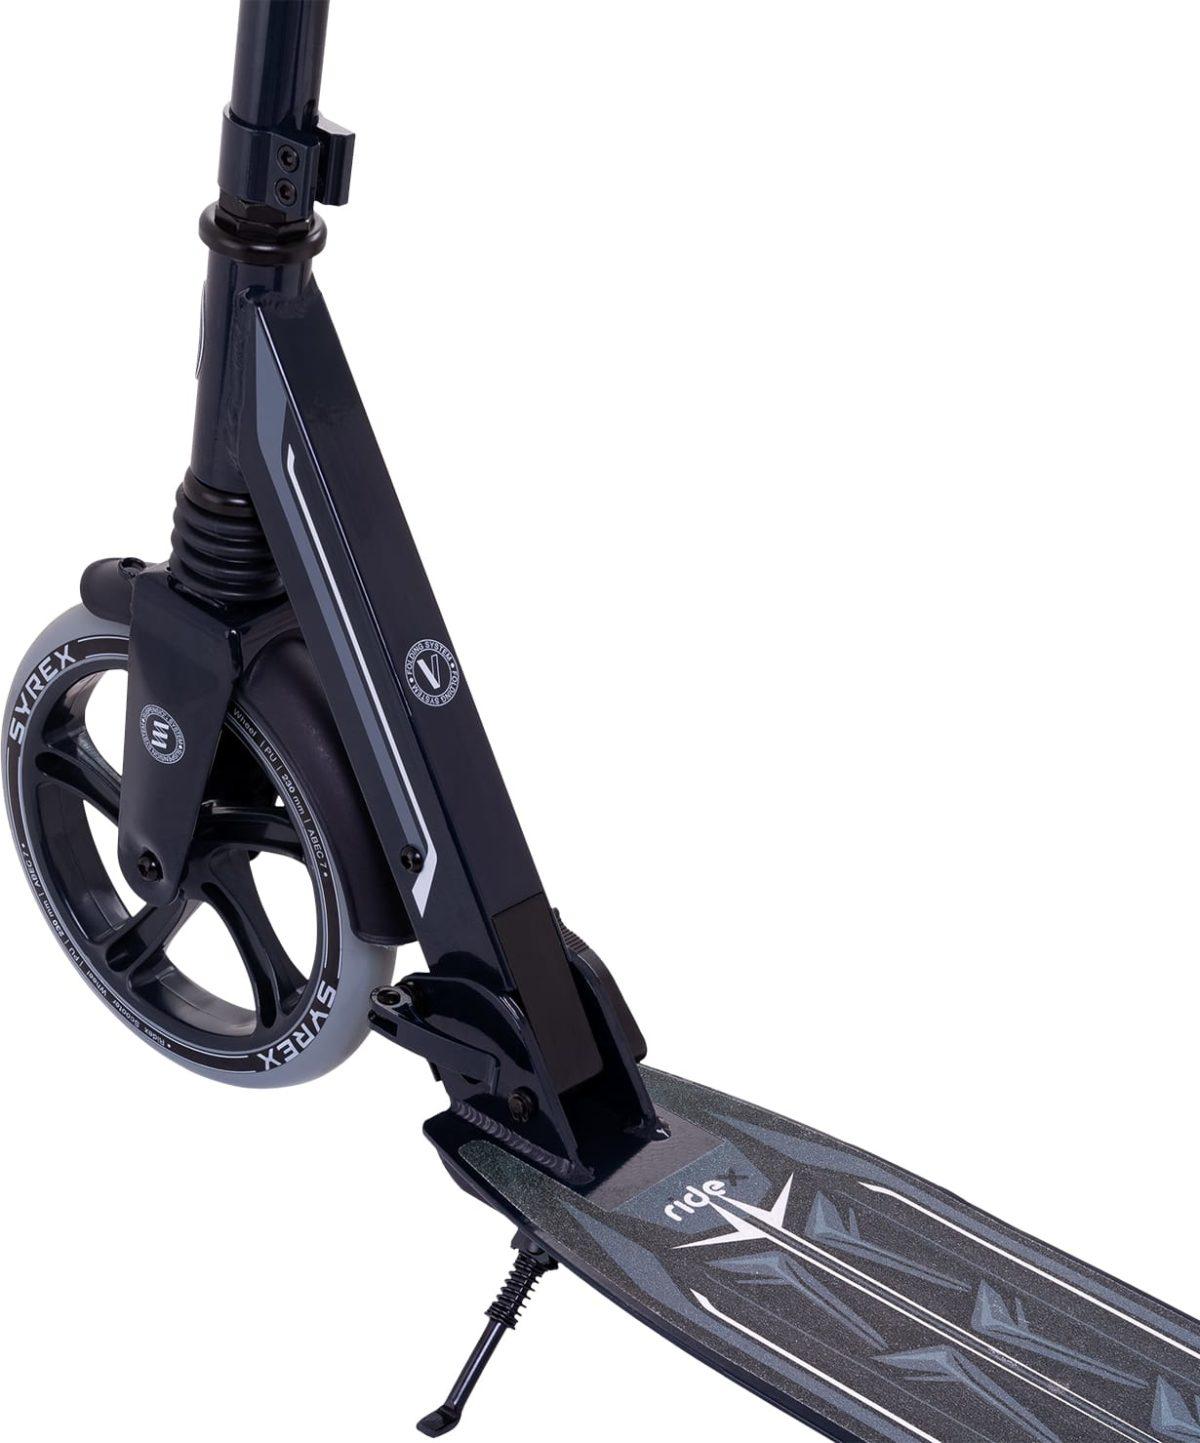 RIDEX Syrex Самокат 2-колесный  230/200 мм  Syrex: чёрный - 4